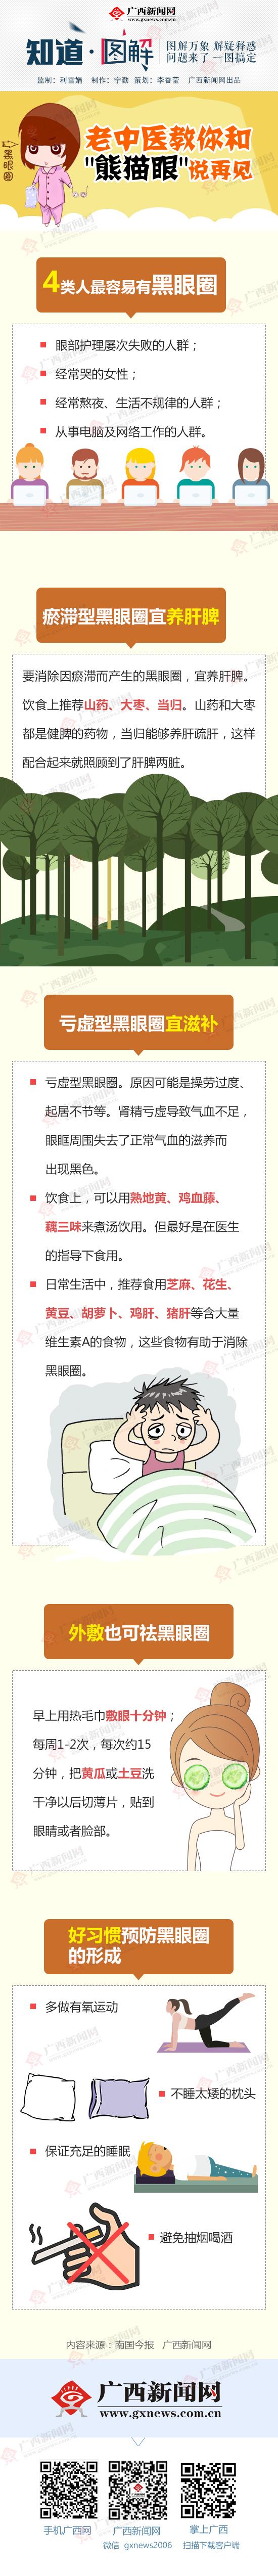 """【知道·图解】老中医教你和""""熊猫眼""""说再见"""